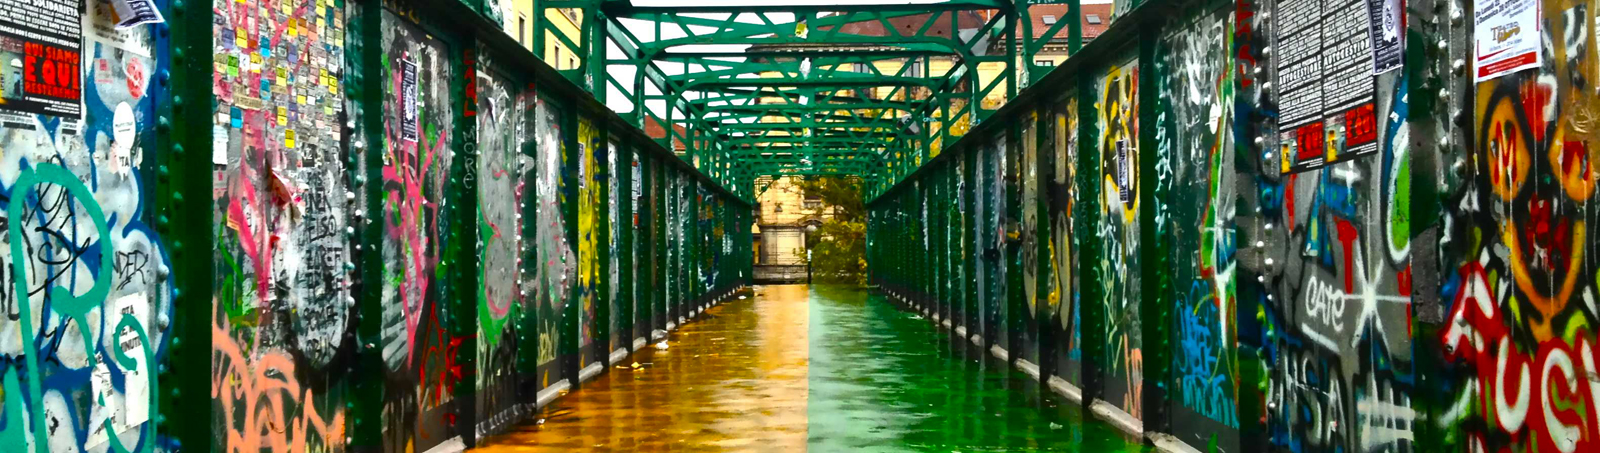 ponte-movida